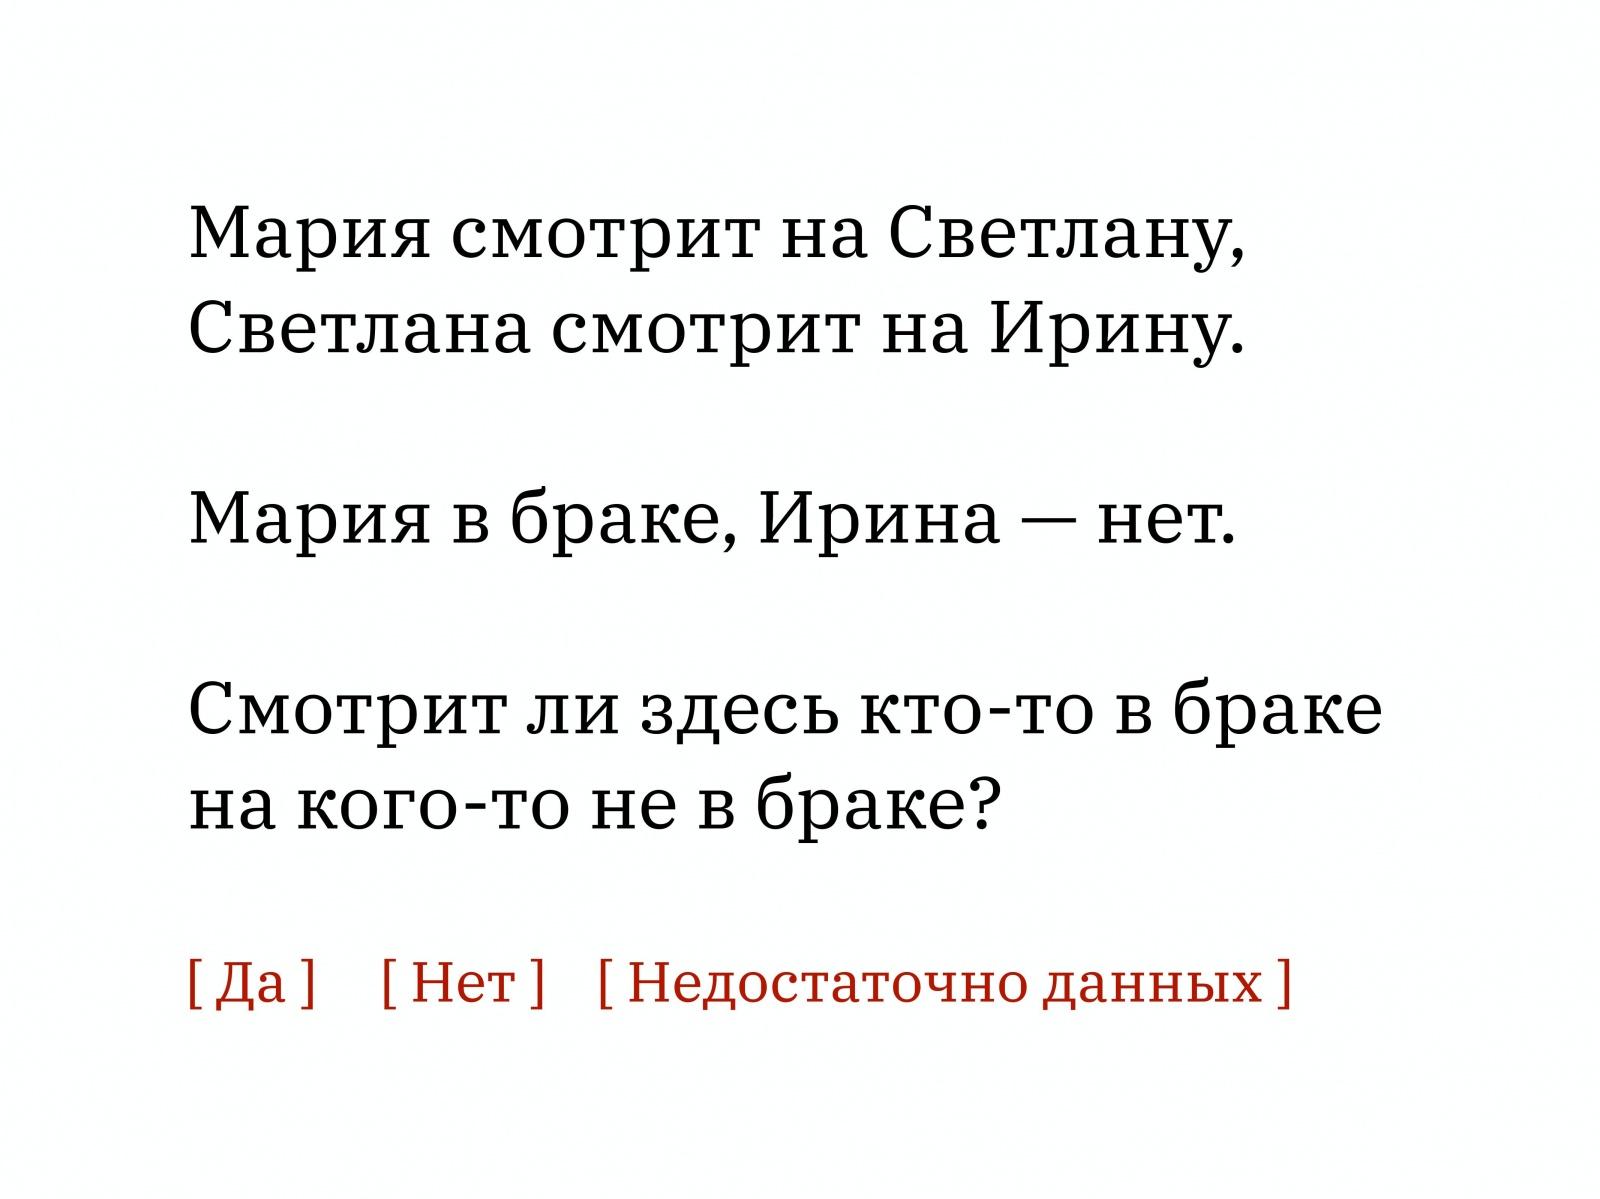 Алексей Каптерев: Критическое мышление 101 (часть 2) - 11